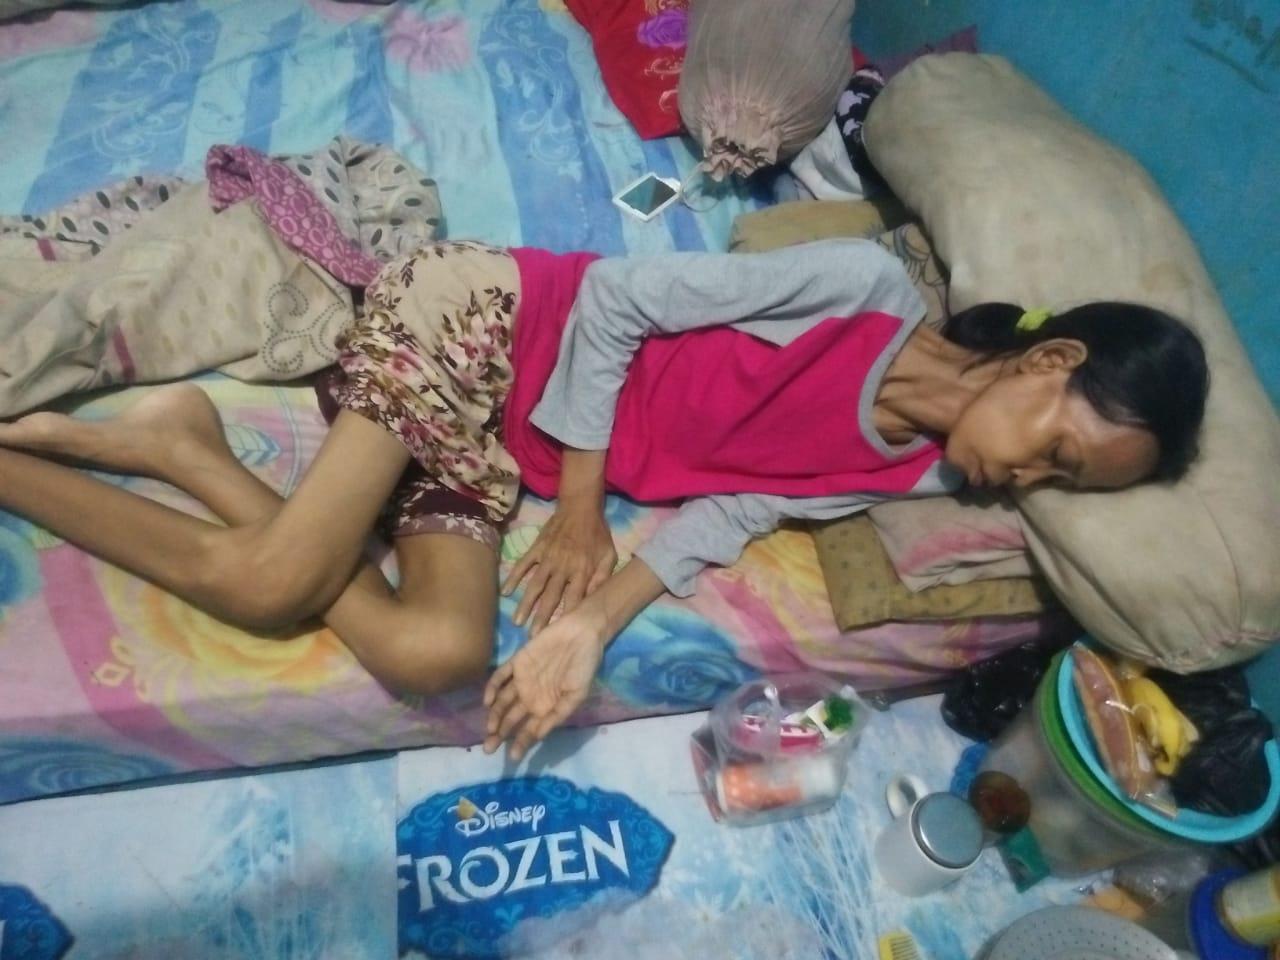 Kp. Bulak Pondok Melati Bekasi' Sunarsih Warga Miskin Butuh Bantuan